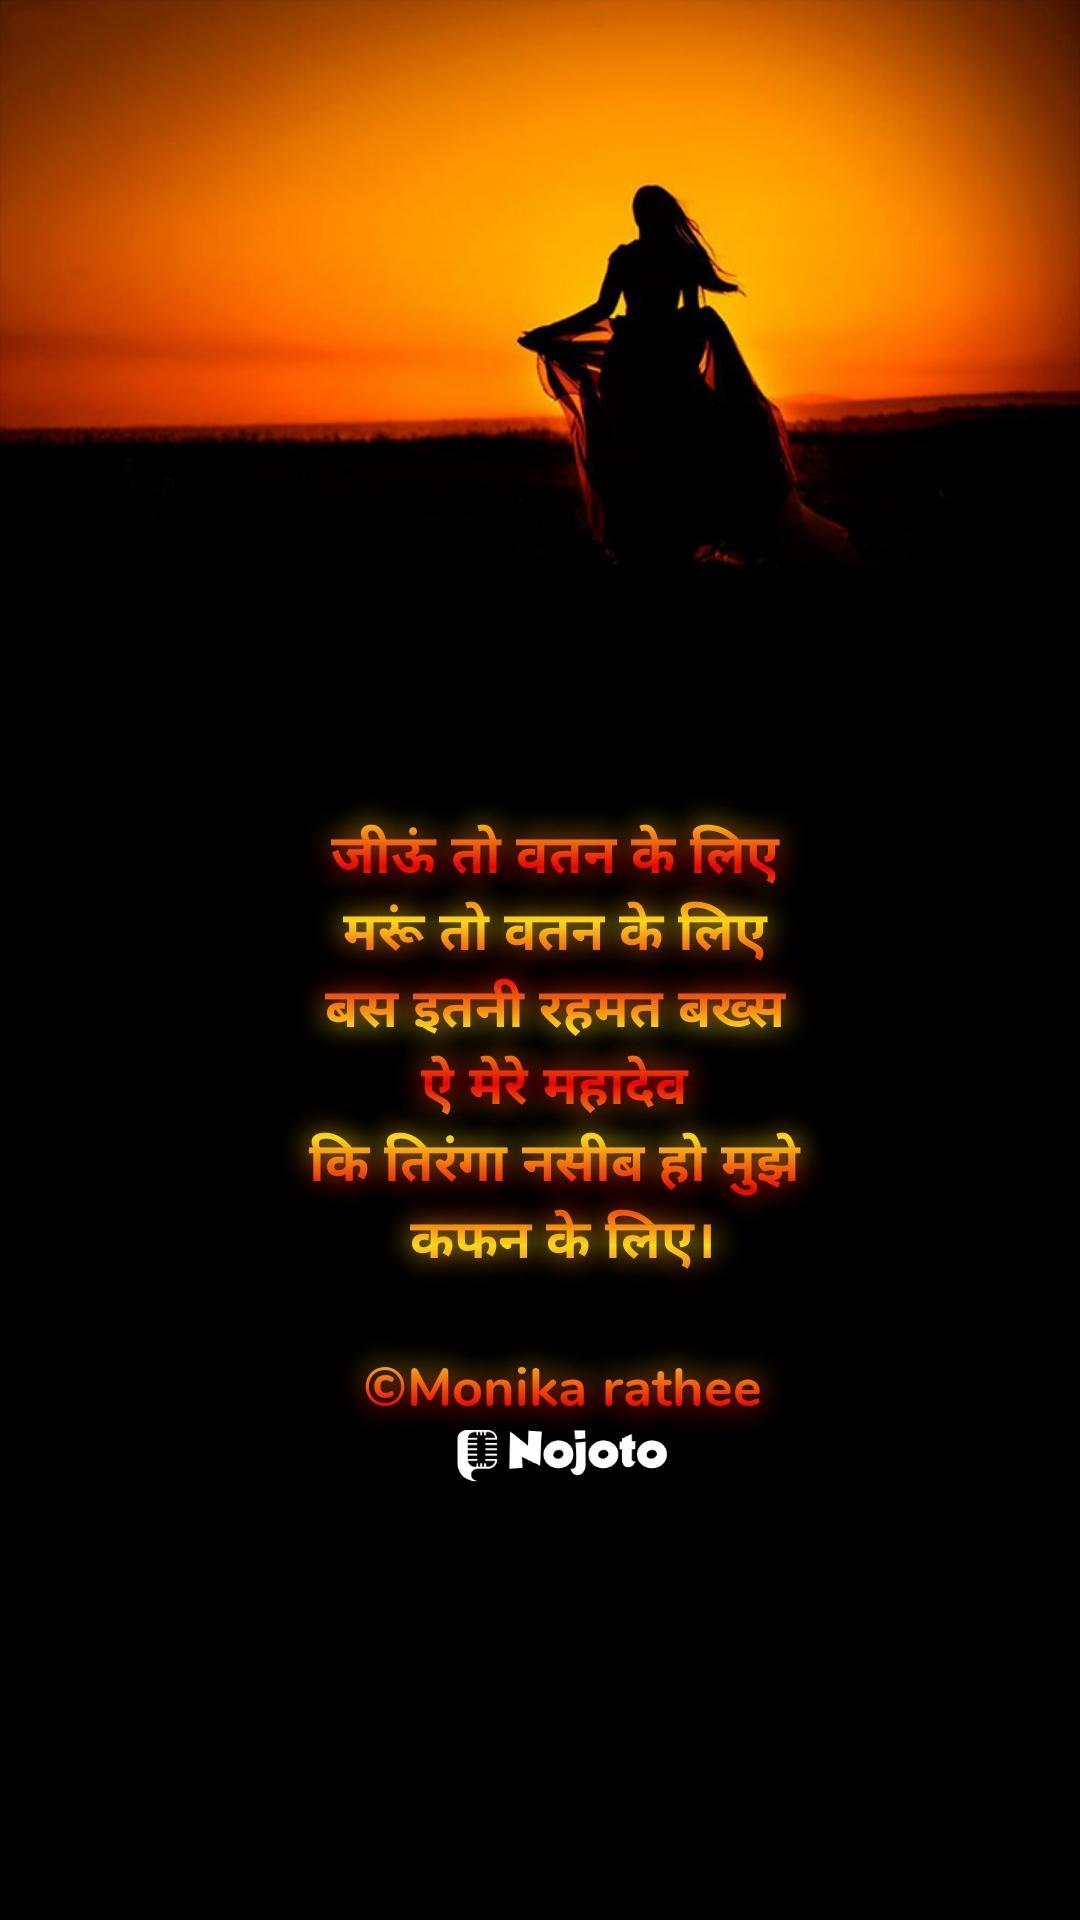 जीऊं तो वतन के लिए  मरूं तो वतन के लिए  बस इतनी रहमत बख्स  ऐ मेरे महादेव  कि तिरंगा नसीब हो मुझे  कफन के लिए।  ©Monika rathee